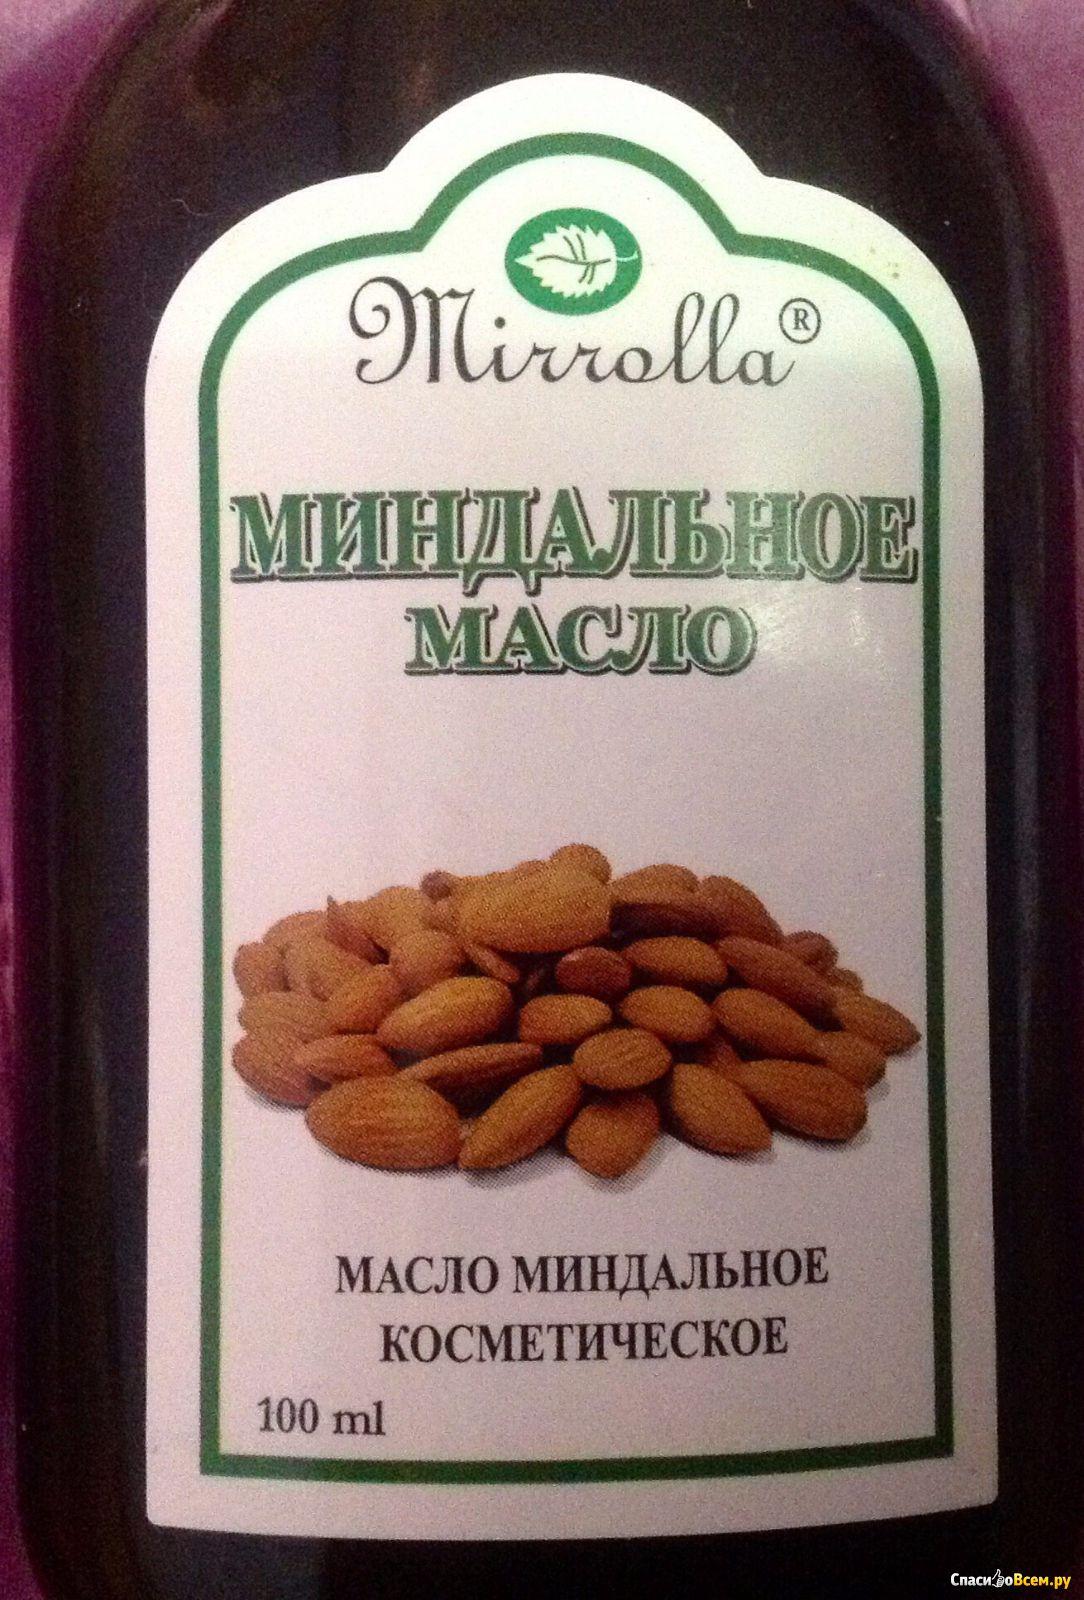 миндальное масло mirrolla состав